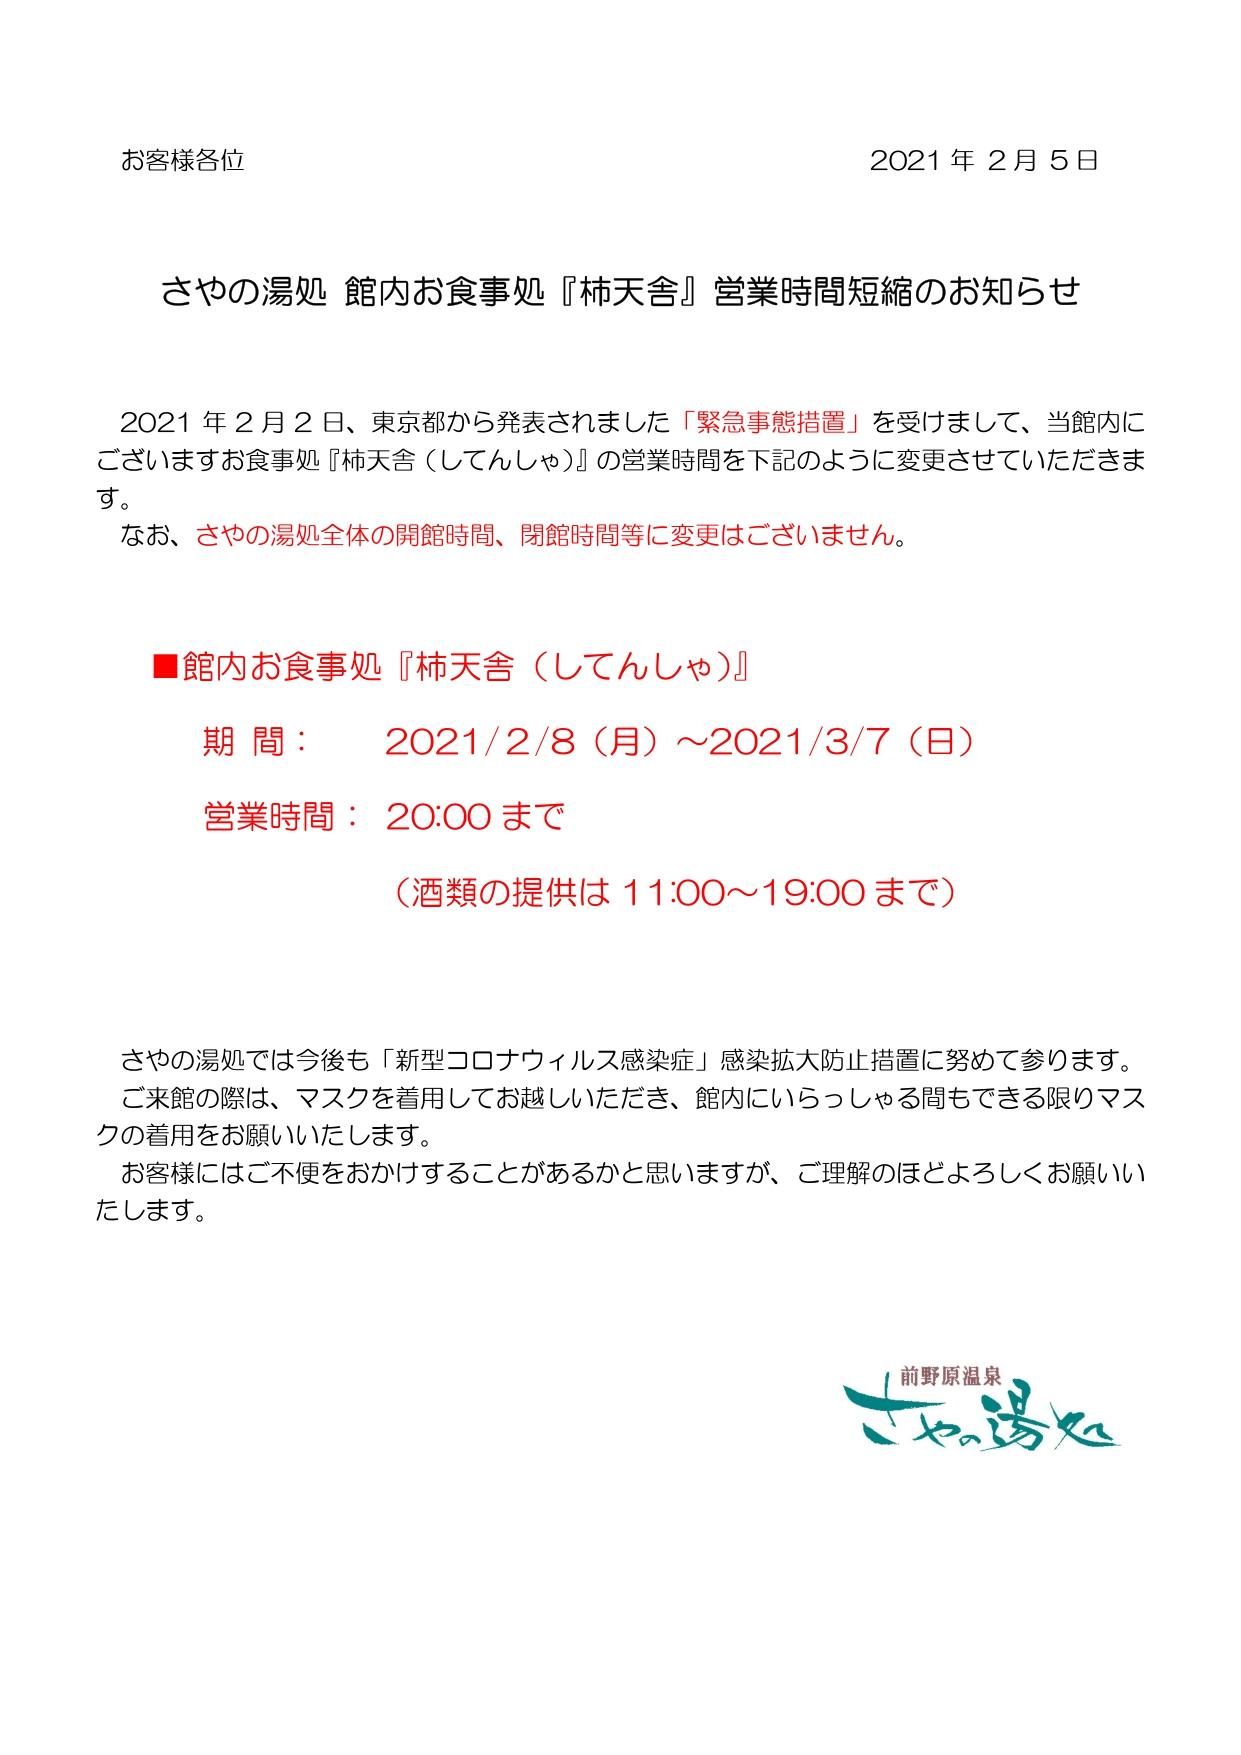 お食事処『柿天舎』営業時間短縮のお知らせ(3/7まで)